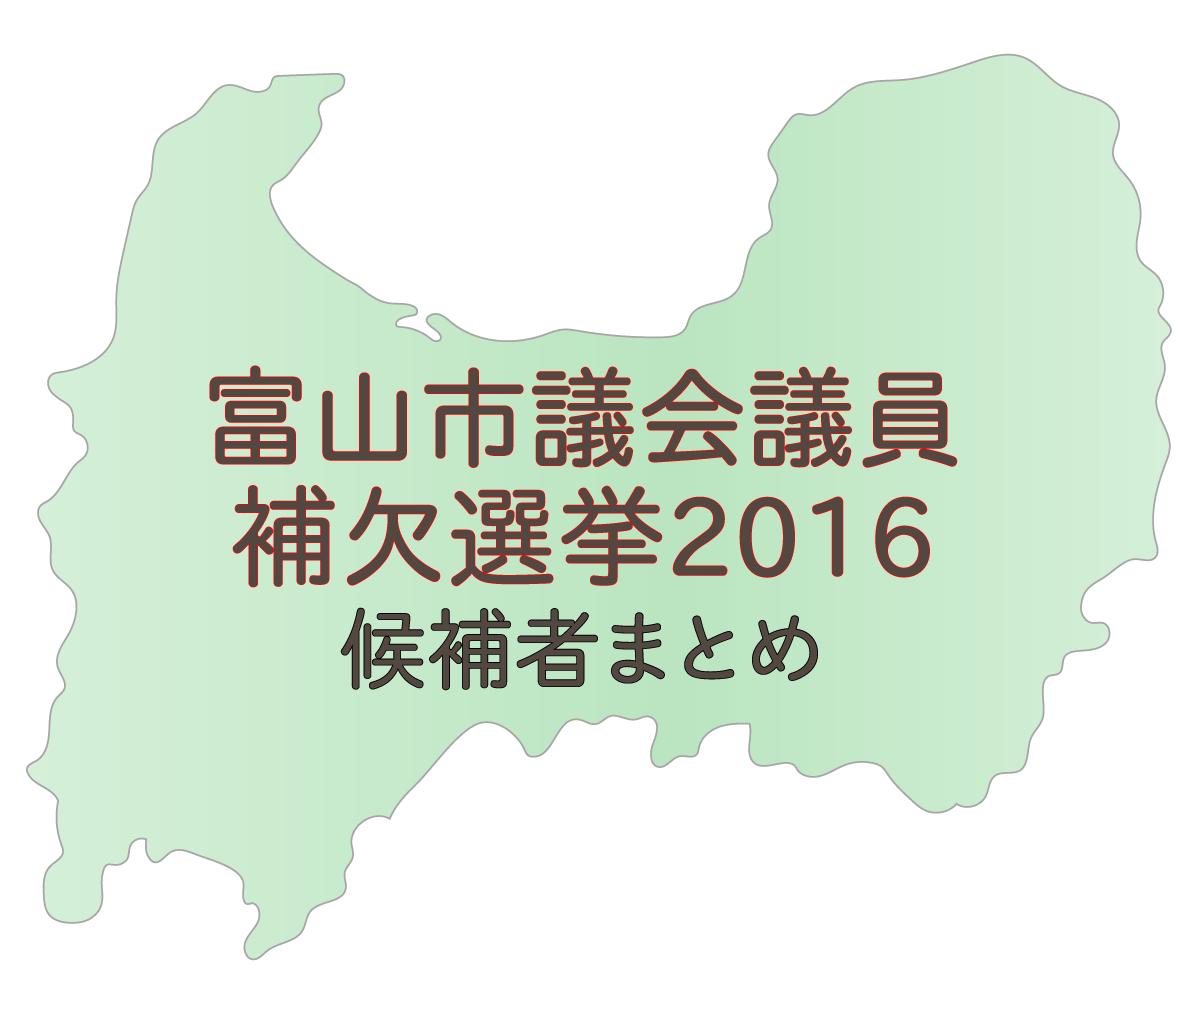 富山市議会議員補欠選挙2016の立候補者